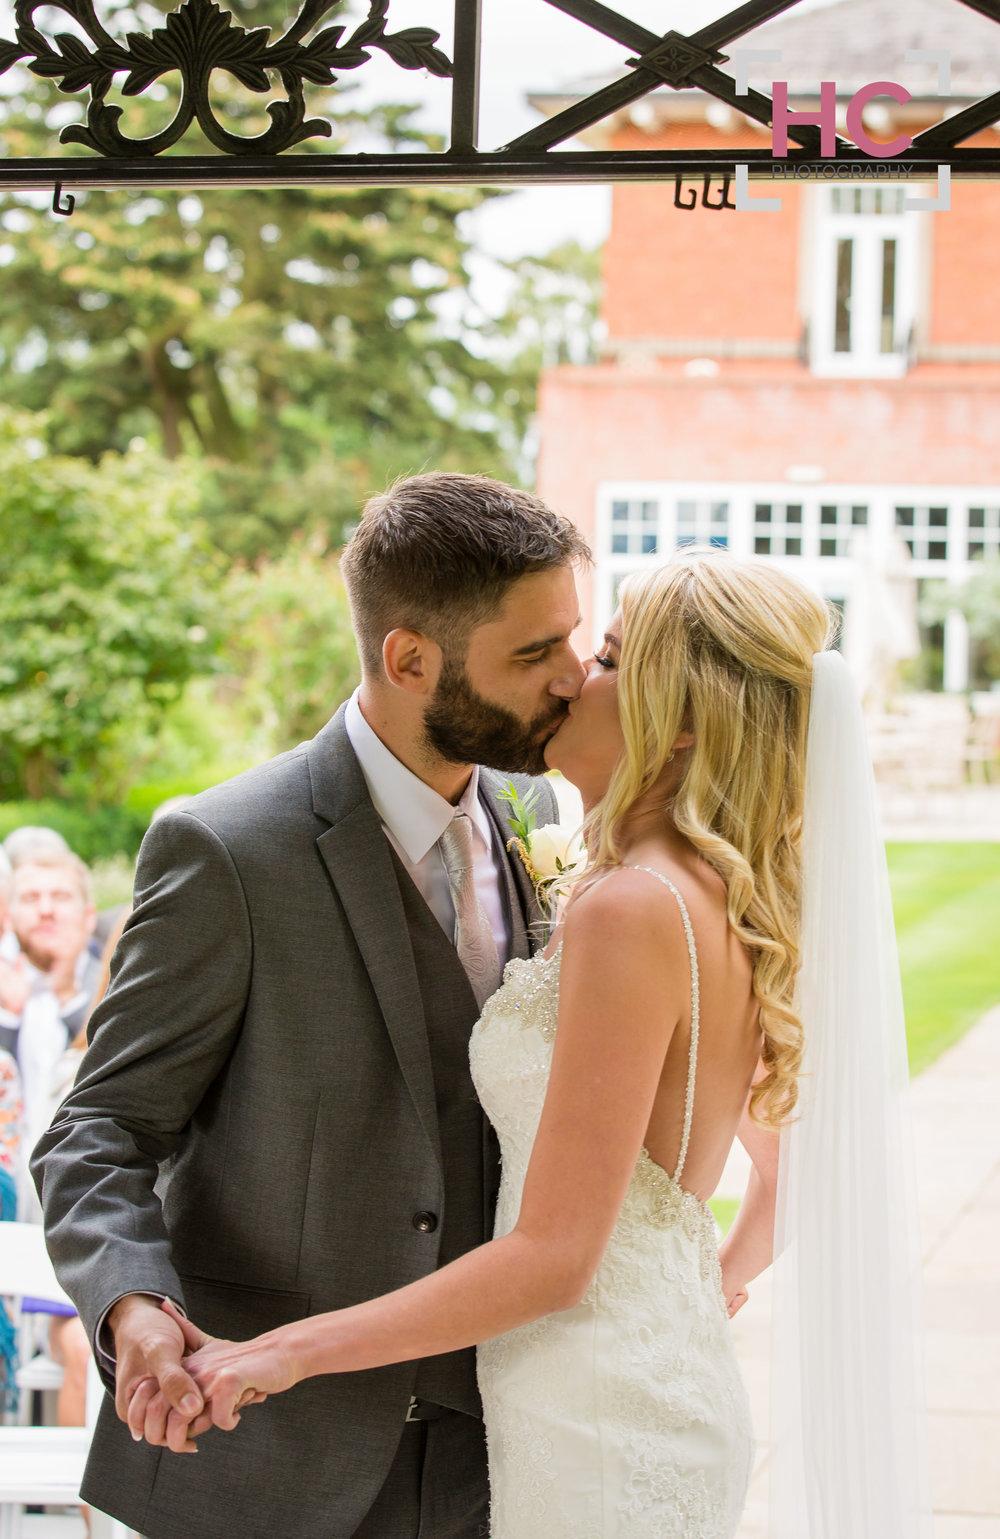 Laurence & Lindsay's Wedding_Helen Cotton Photography©37.JPG